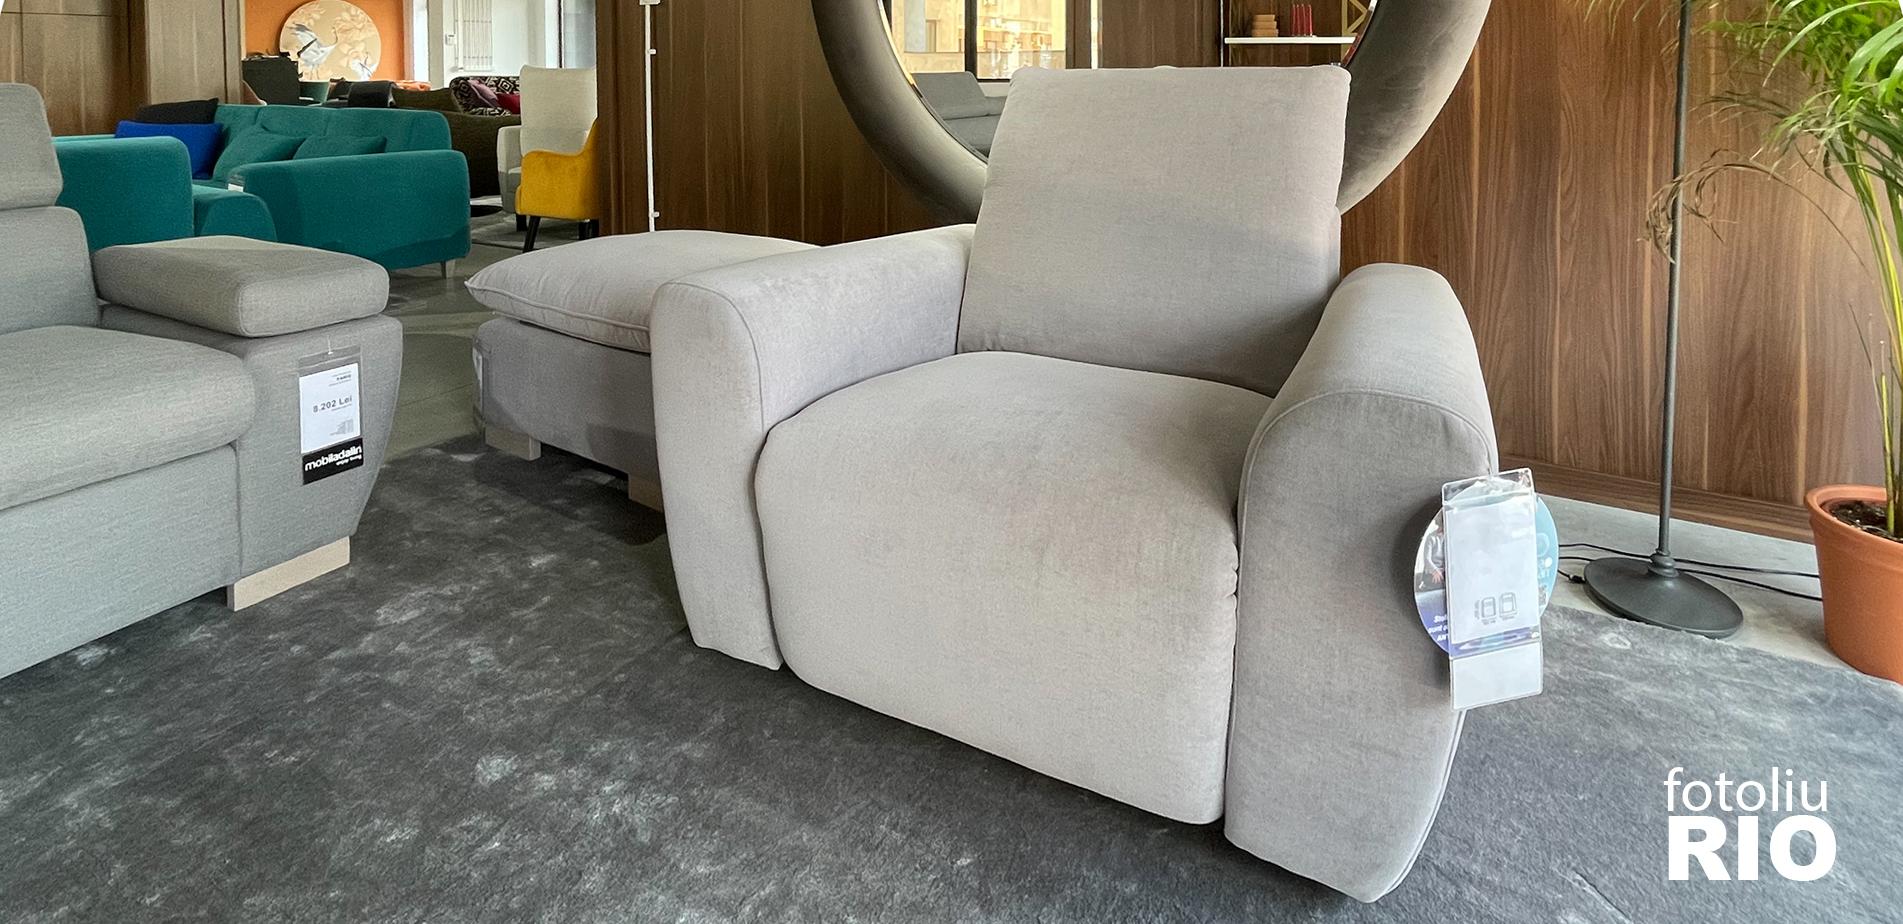 fotoliu-rio-recliner-electric.jpg